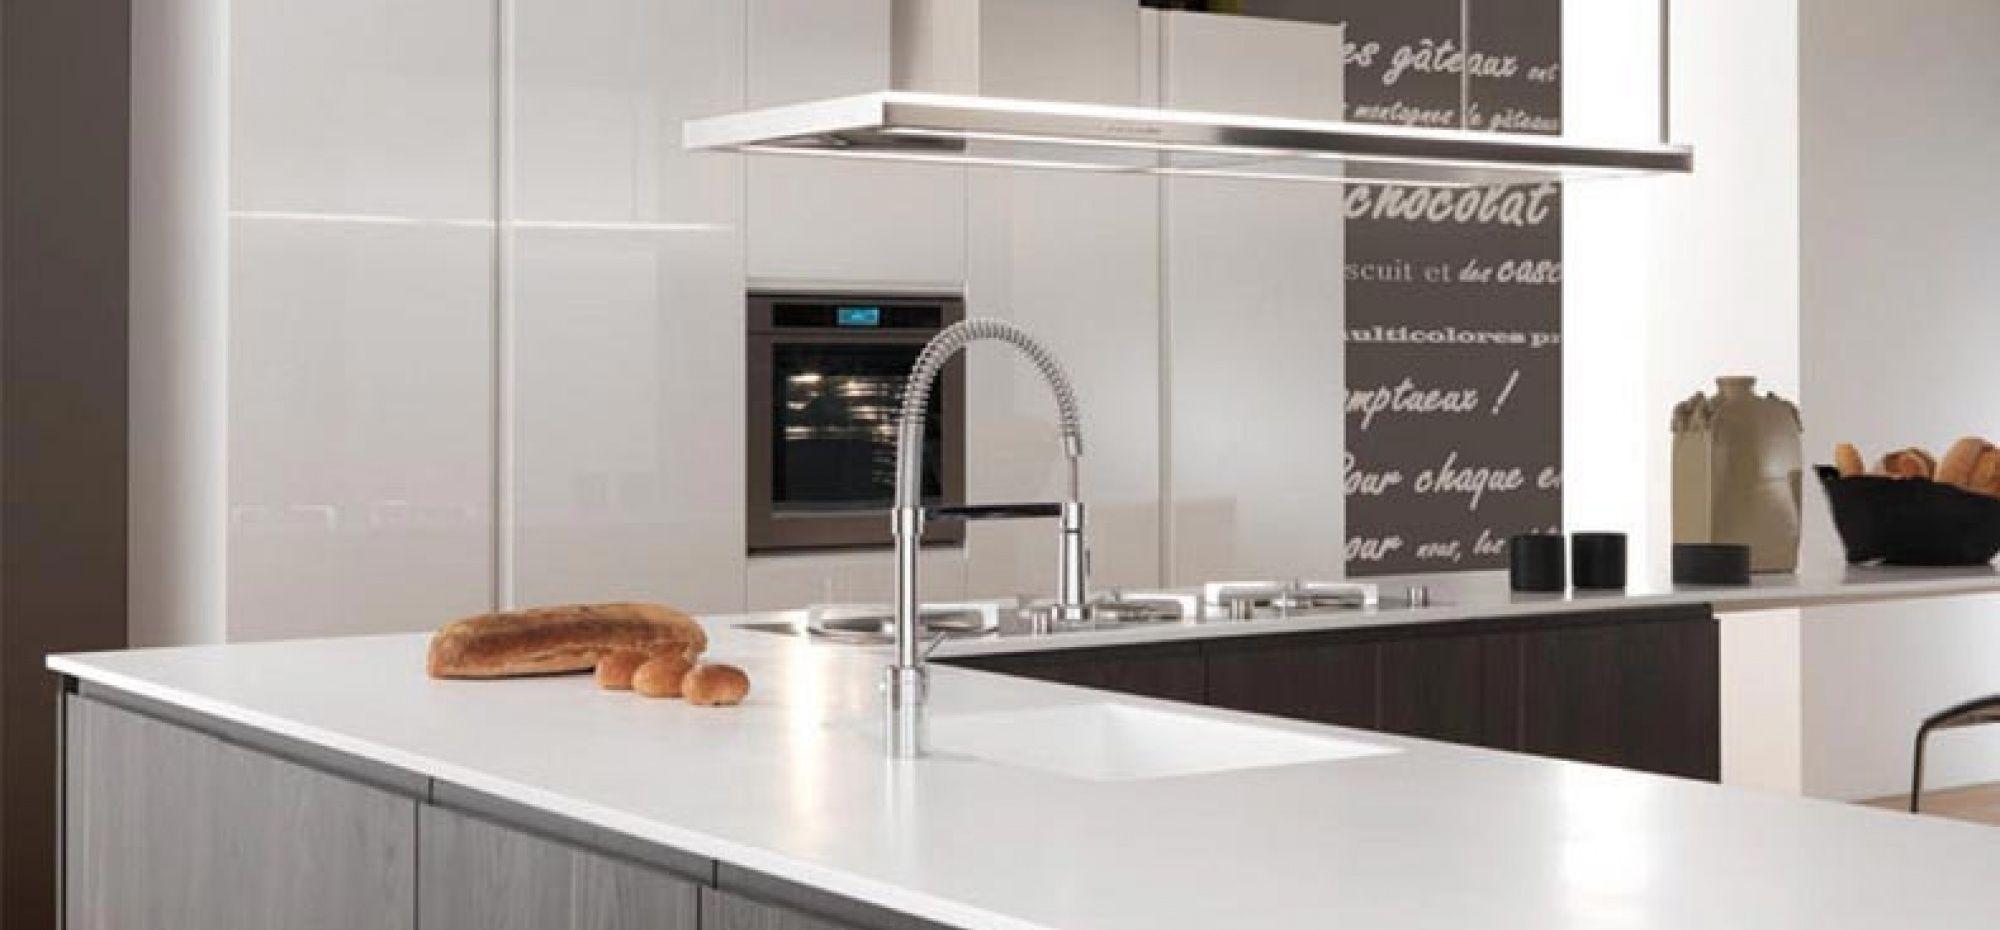 Dettaglio Brera • Brera • Cucine moderne • Berloni   Idee che ...